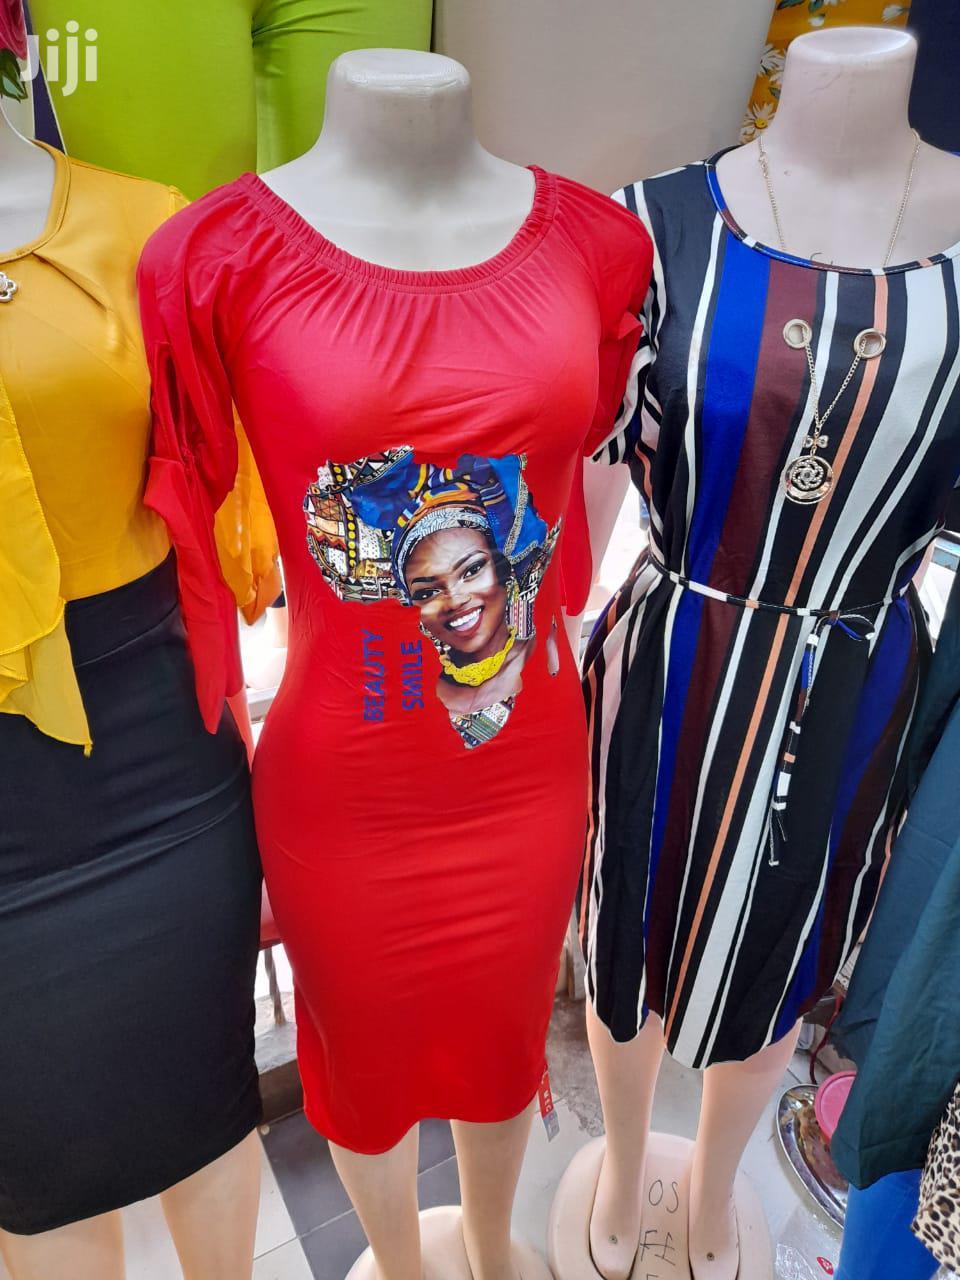 Ladies Fiting Wears | Clothing for sale in Pumwani, Nairobi, Kenya